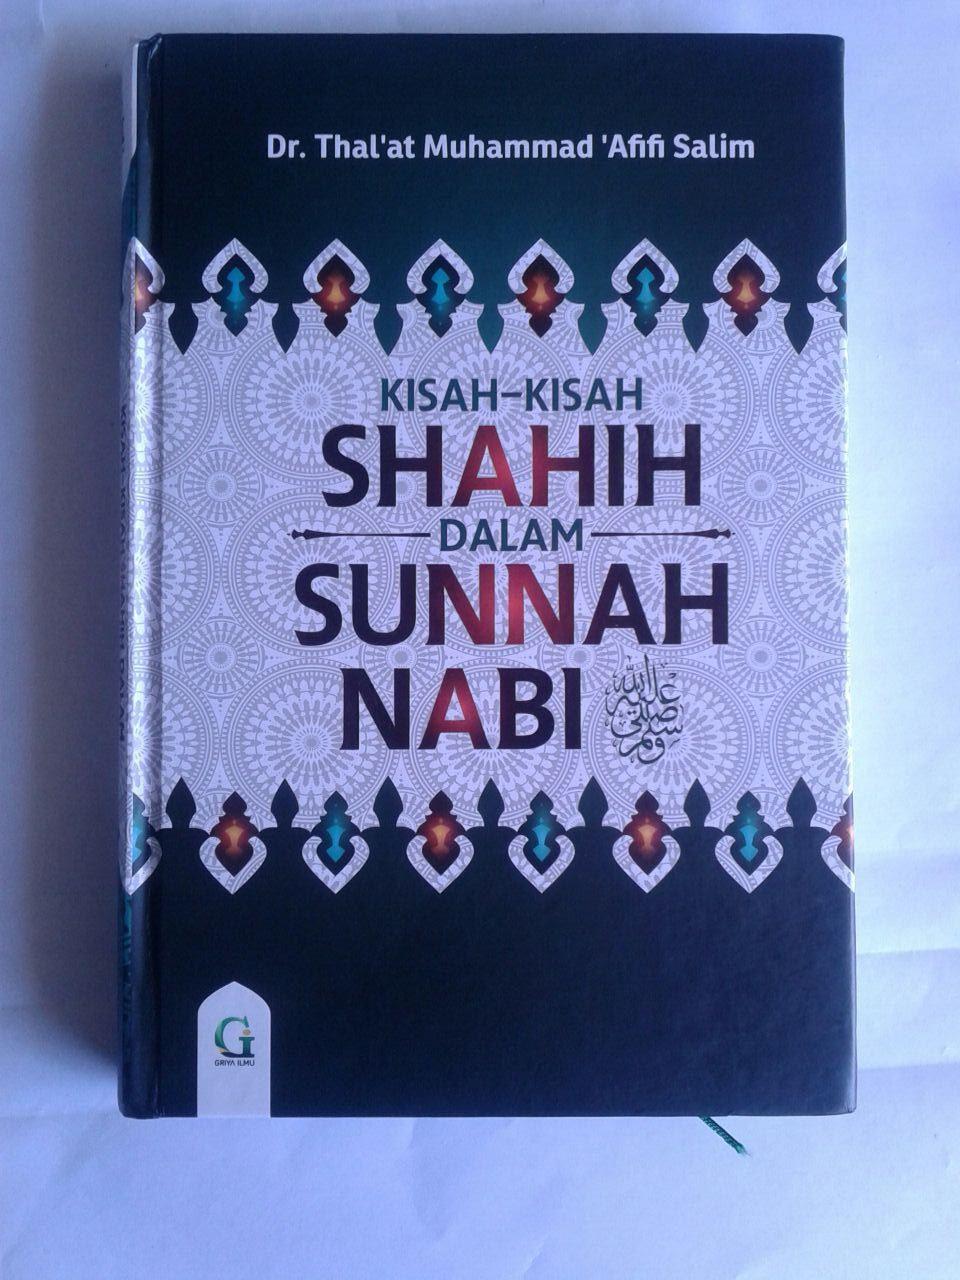 Buku Kisah-Kisah Shahih Dalam Sunnah Nabi cover 2